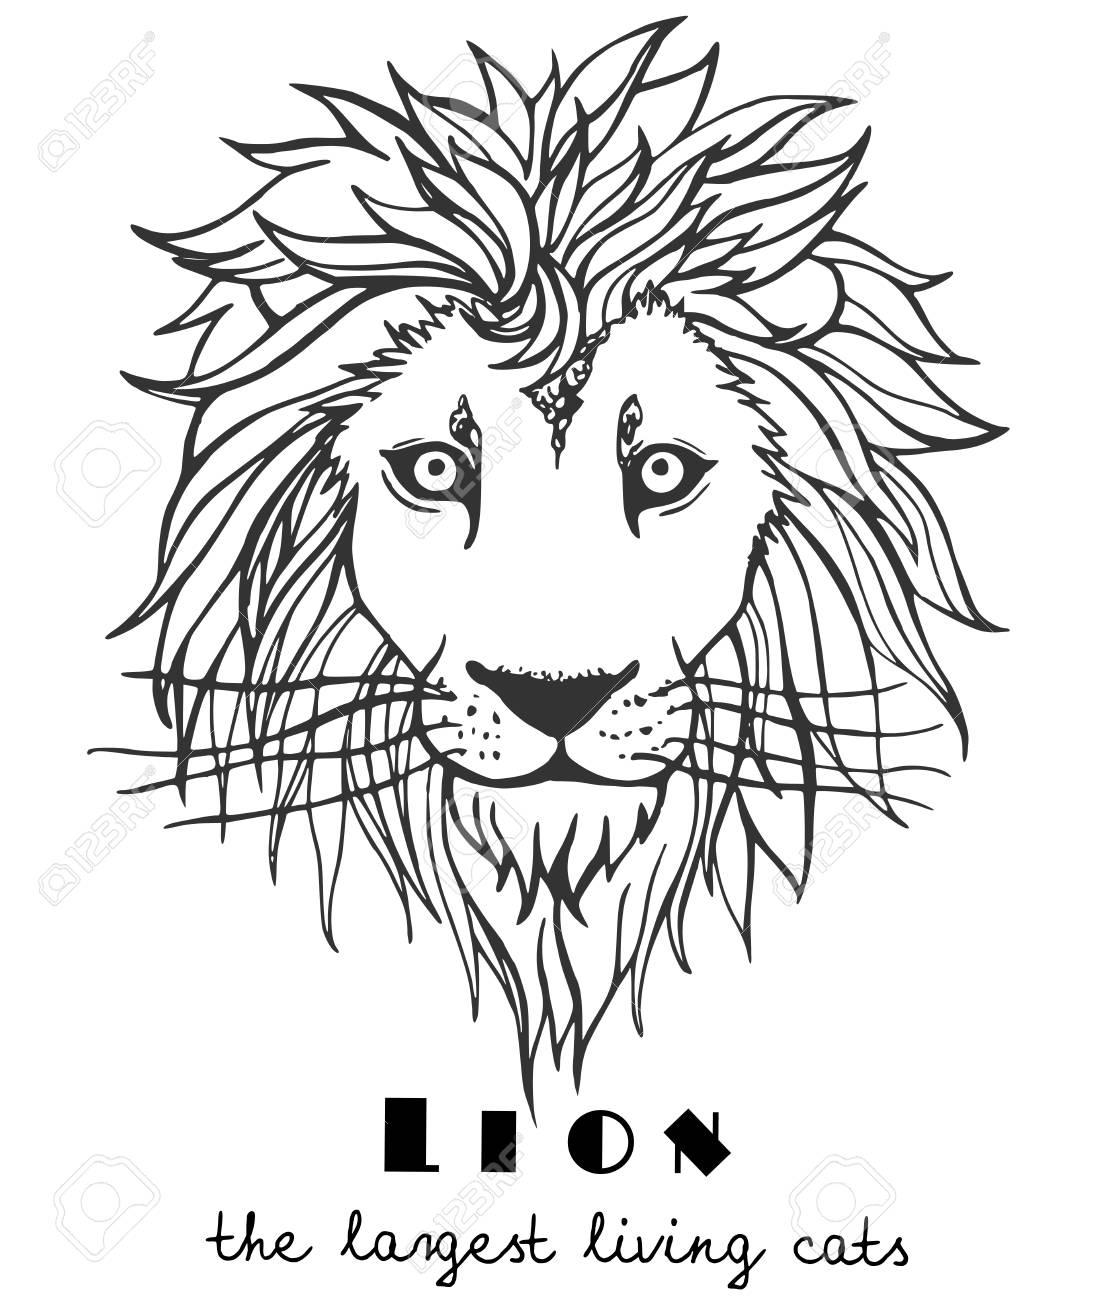 Ilustración De Una Cabeza De Los Leones Para Colorear Tatuajes Plantilla Diseño Impresión En La Camiseta Bolsa Portátil Tarjeta Aislado En Un